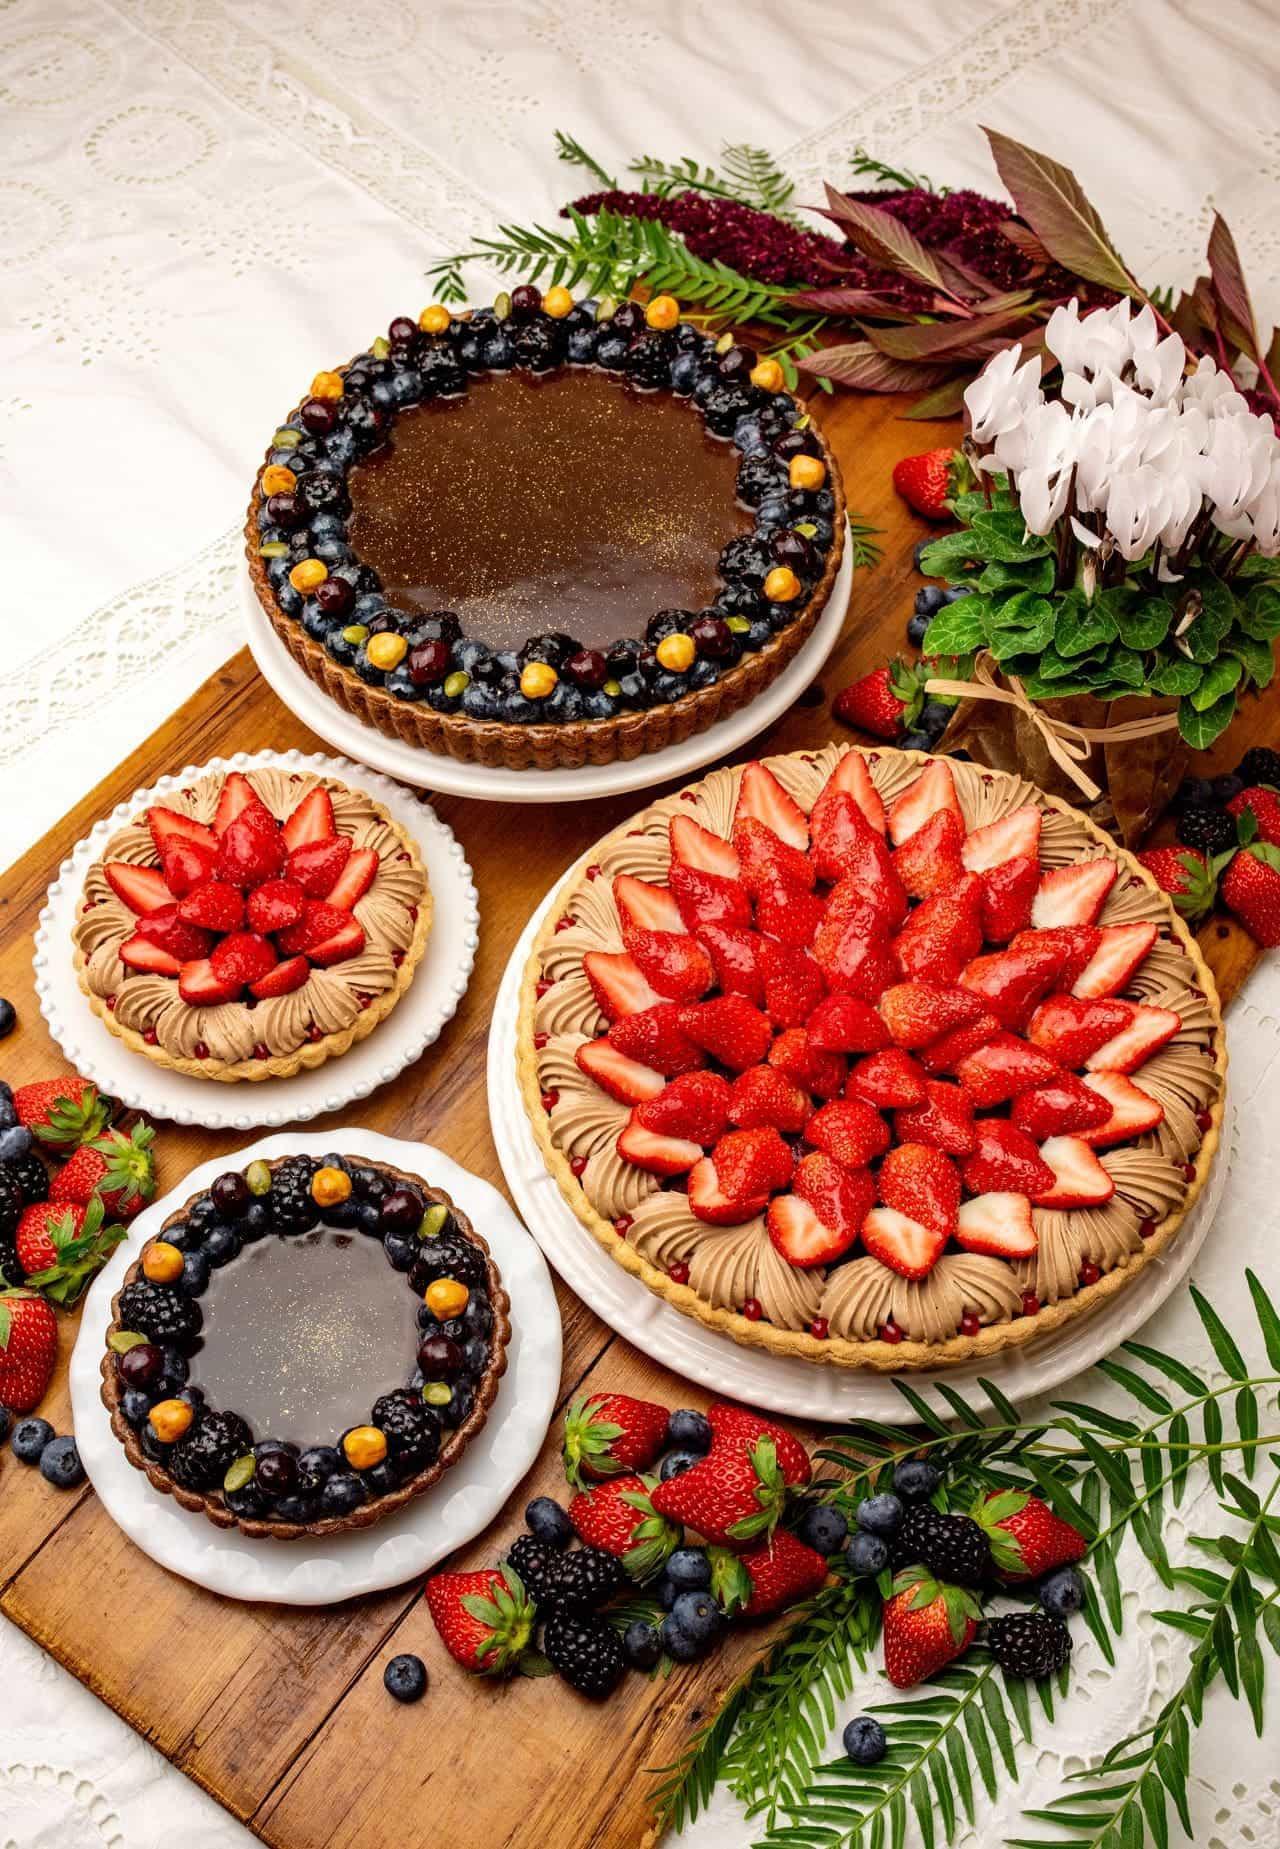 キル フェ ボン バレンタイン限定「イチゴとチョコレートクリームのタルト」と「コーヒームースとヘーゼルナッツのタルト」